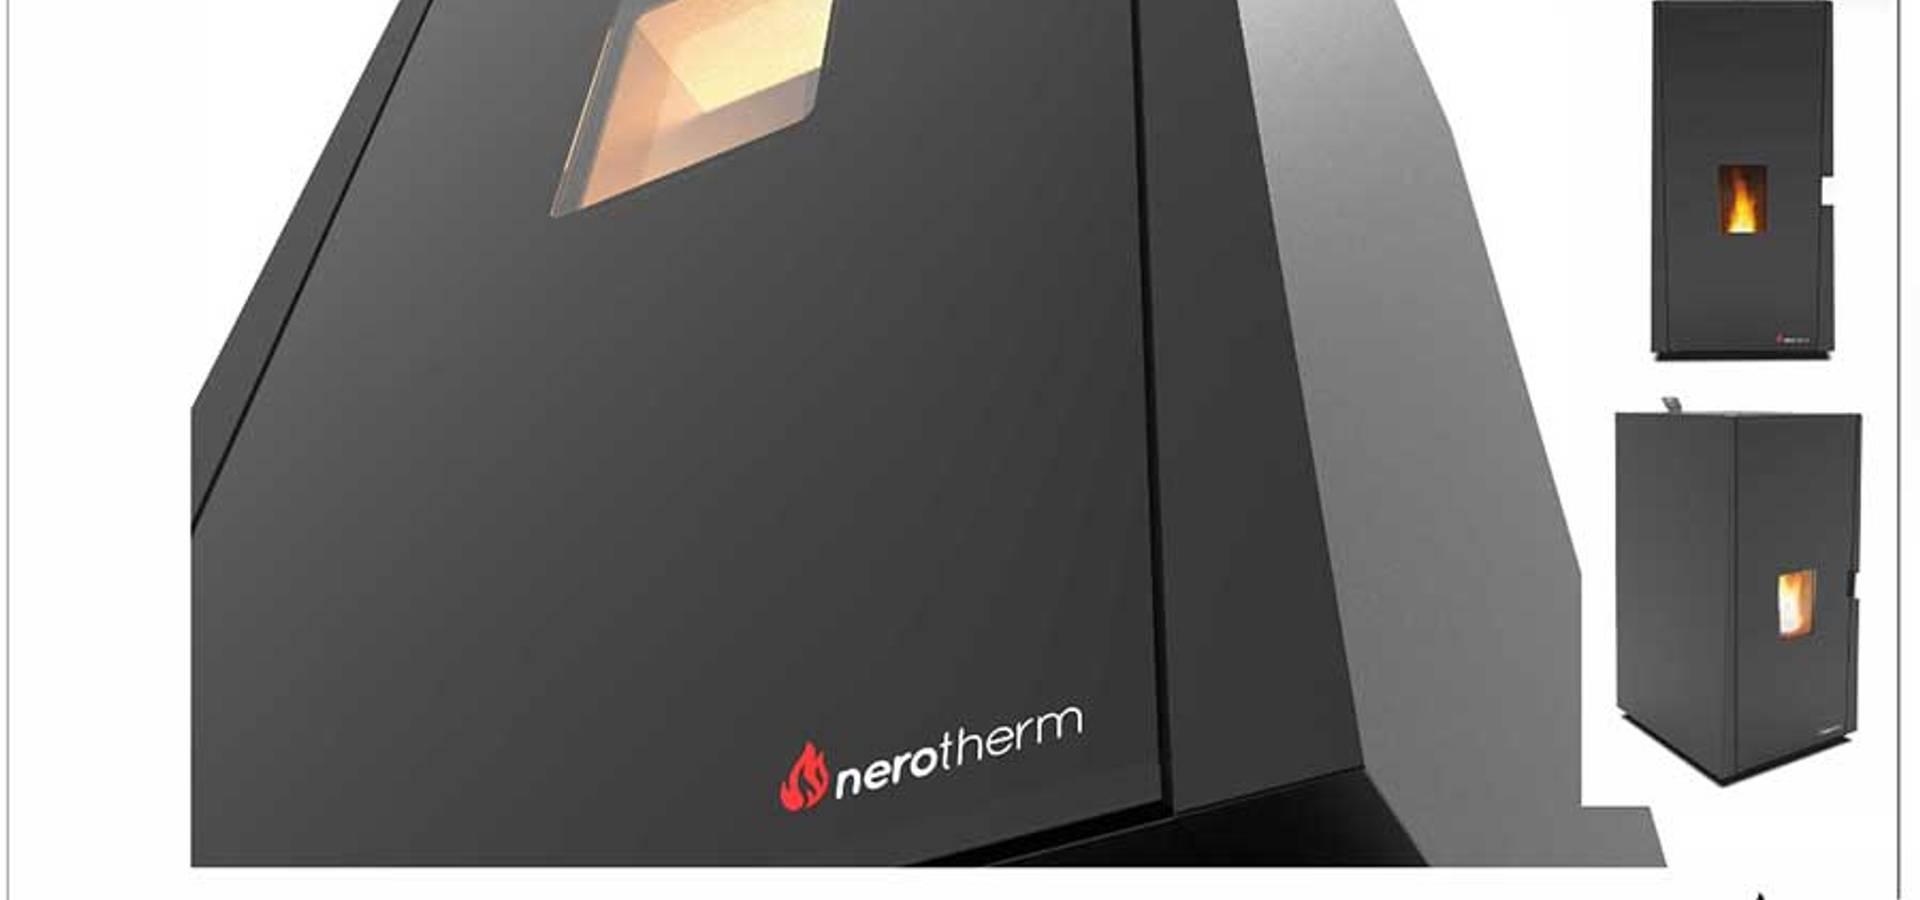 Nerotherm Isıtma Teknolojileri